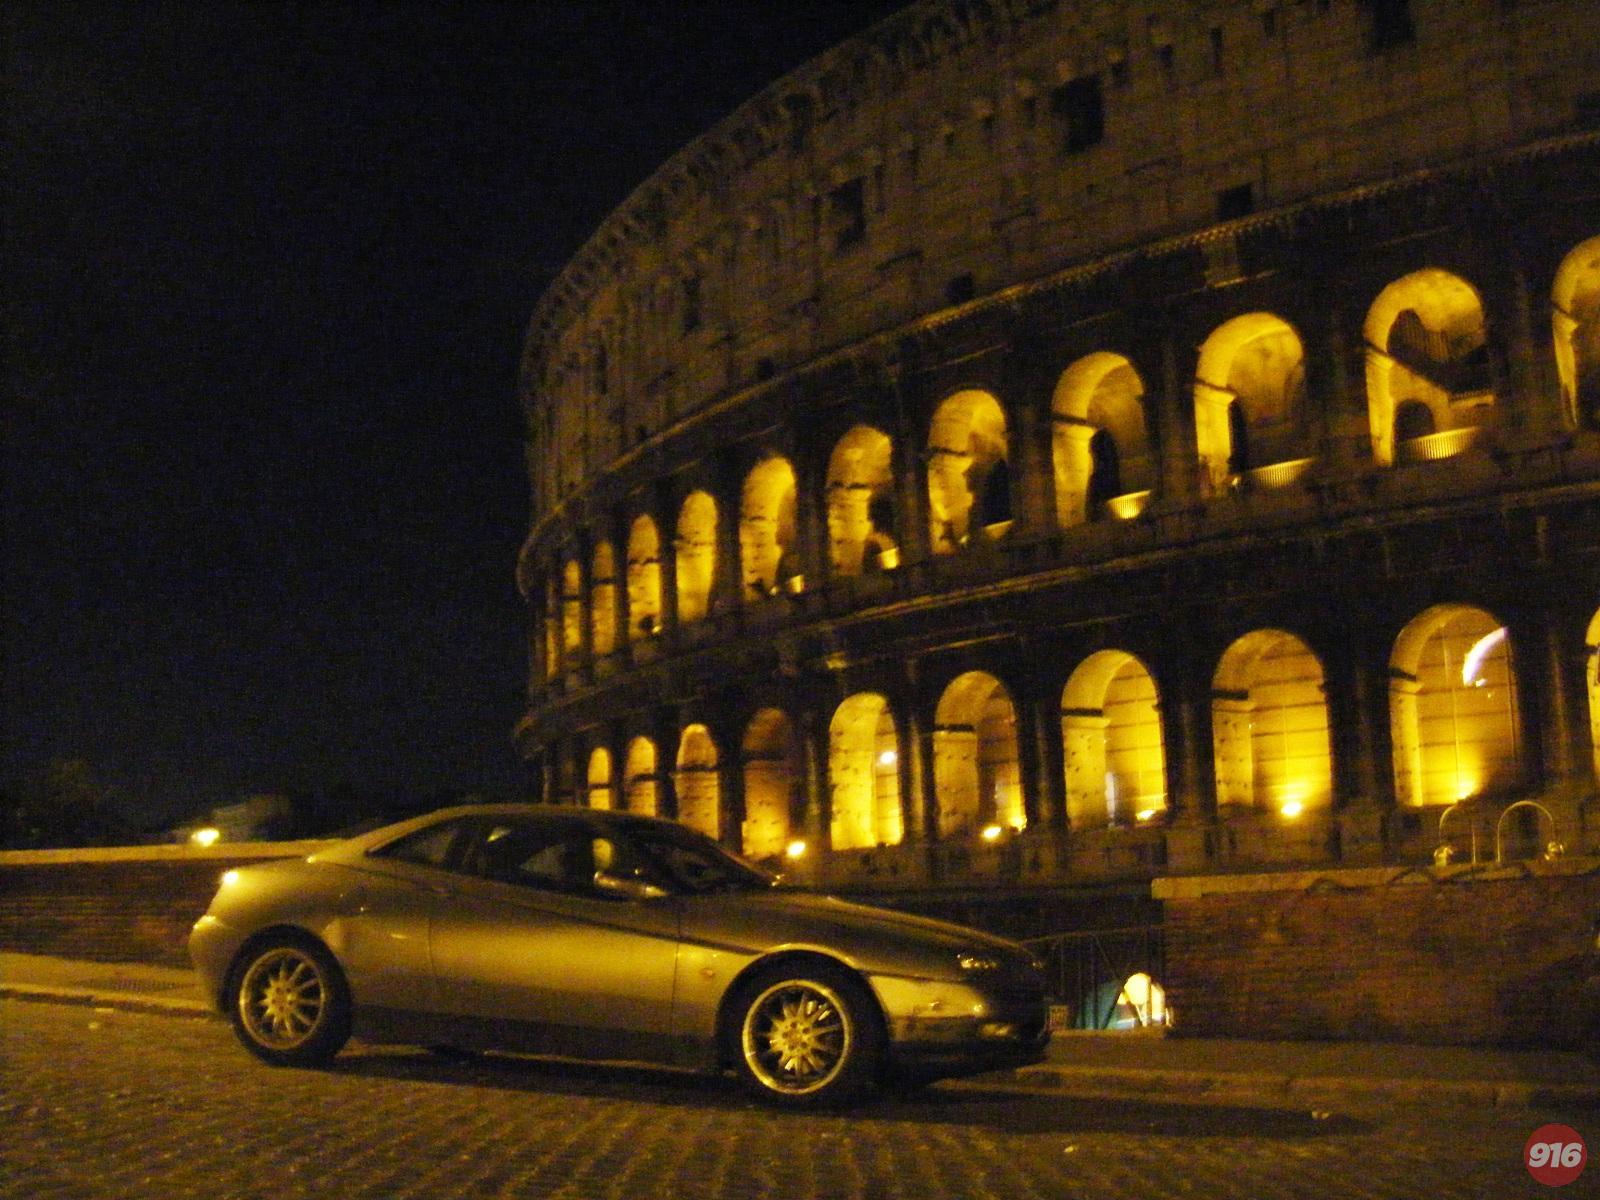 Roma tonight